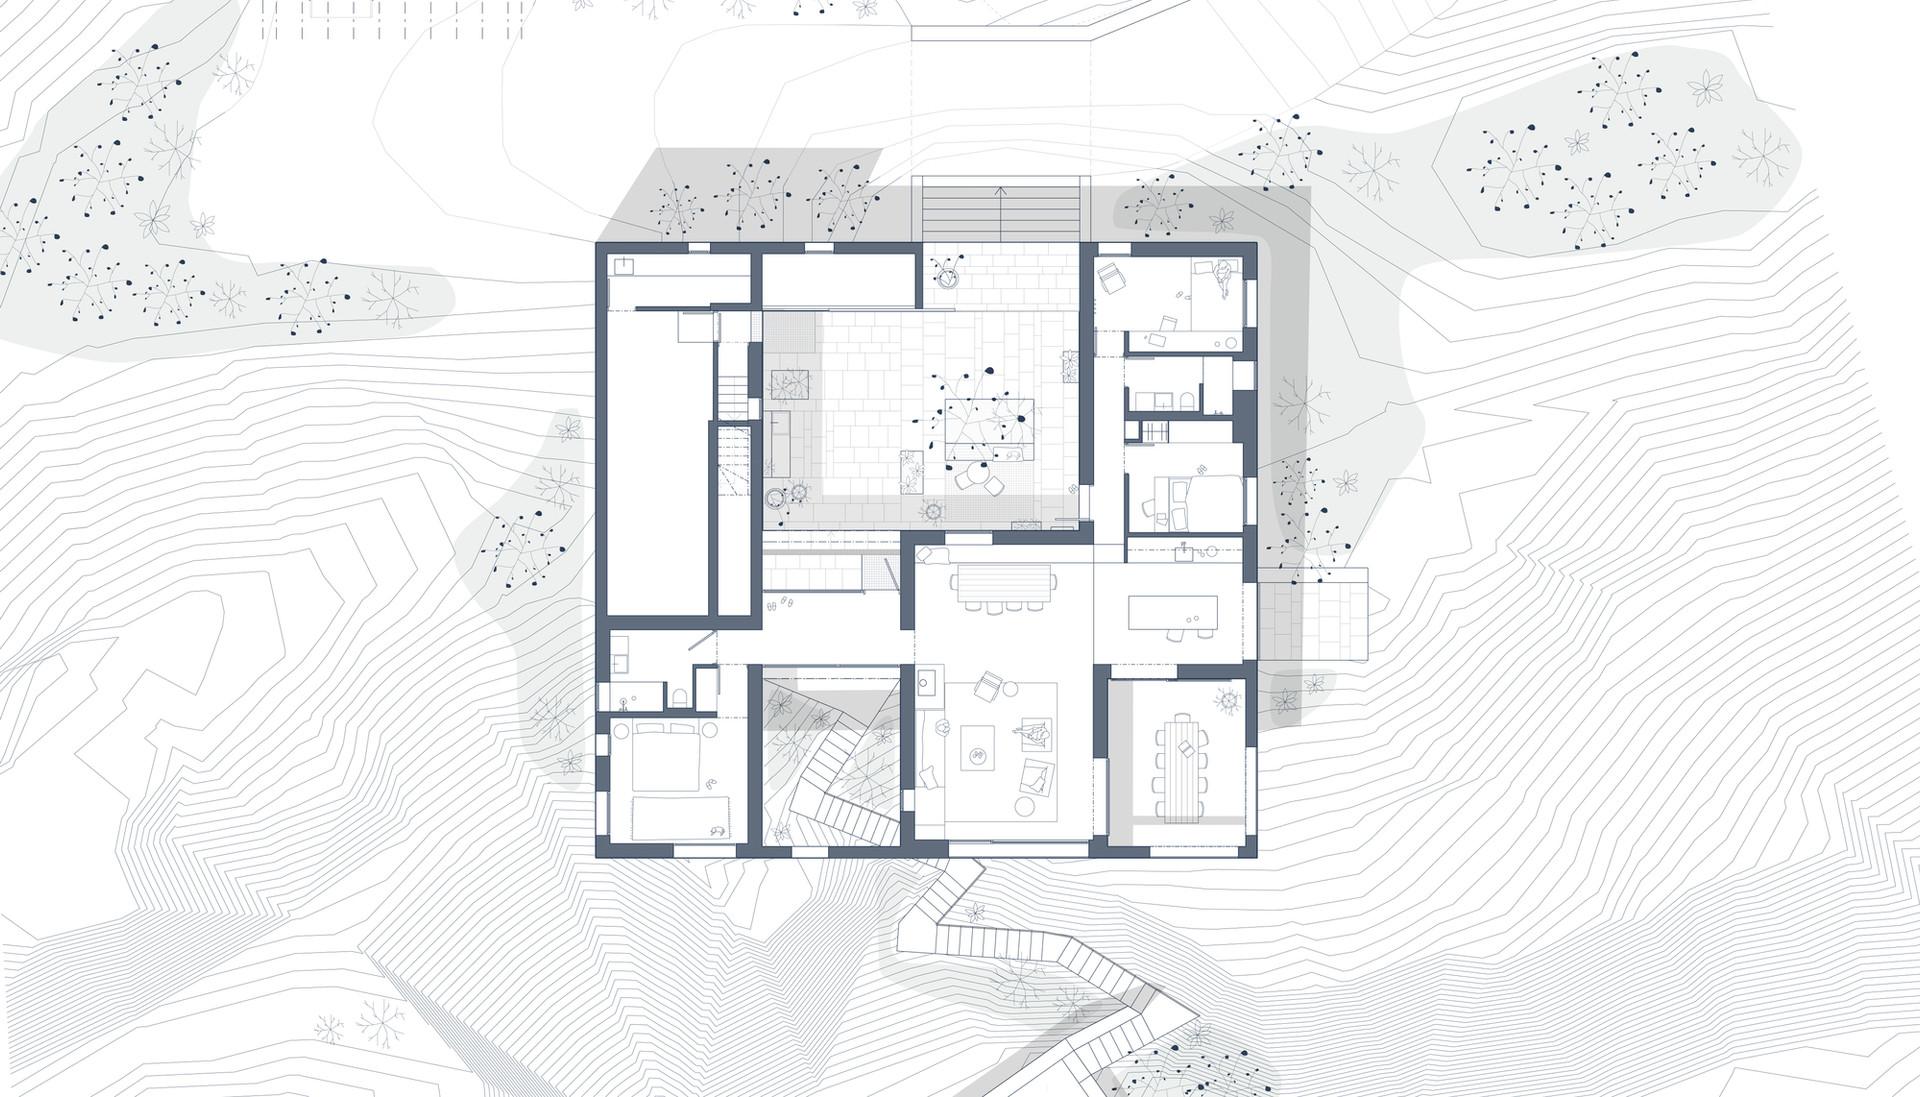 patio_house_11.jpg